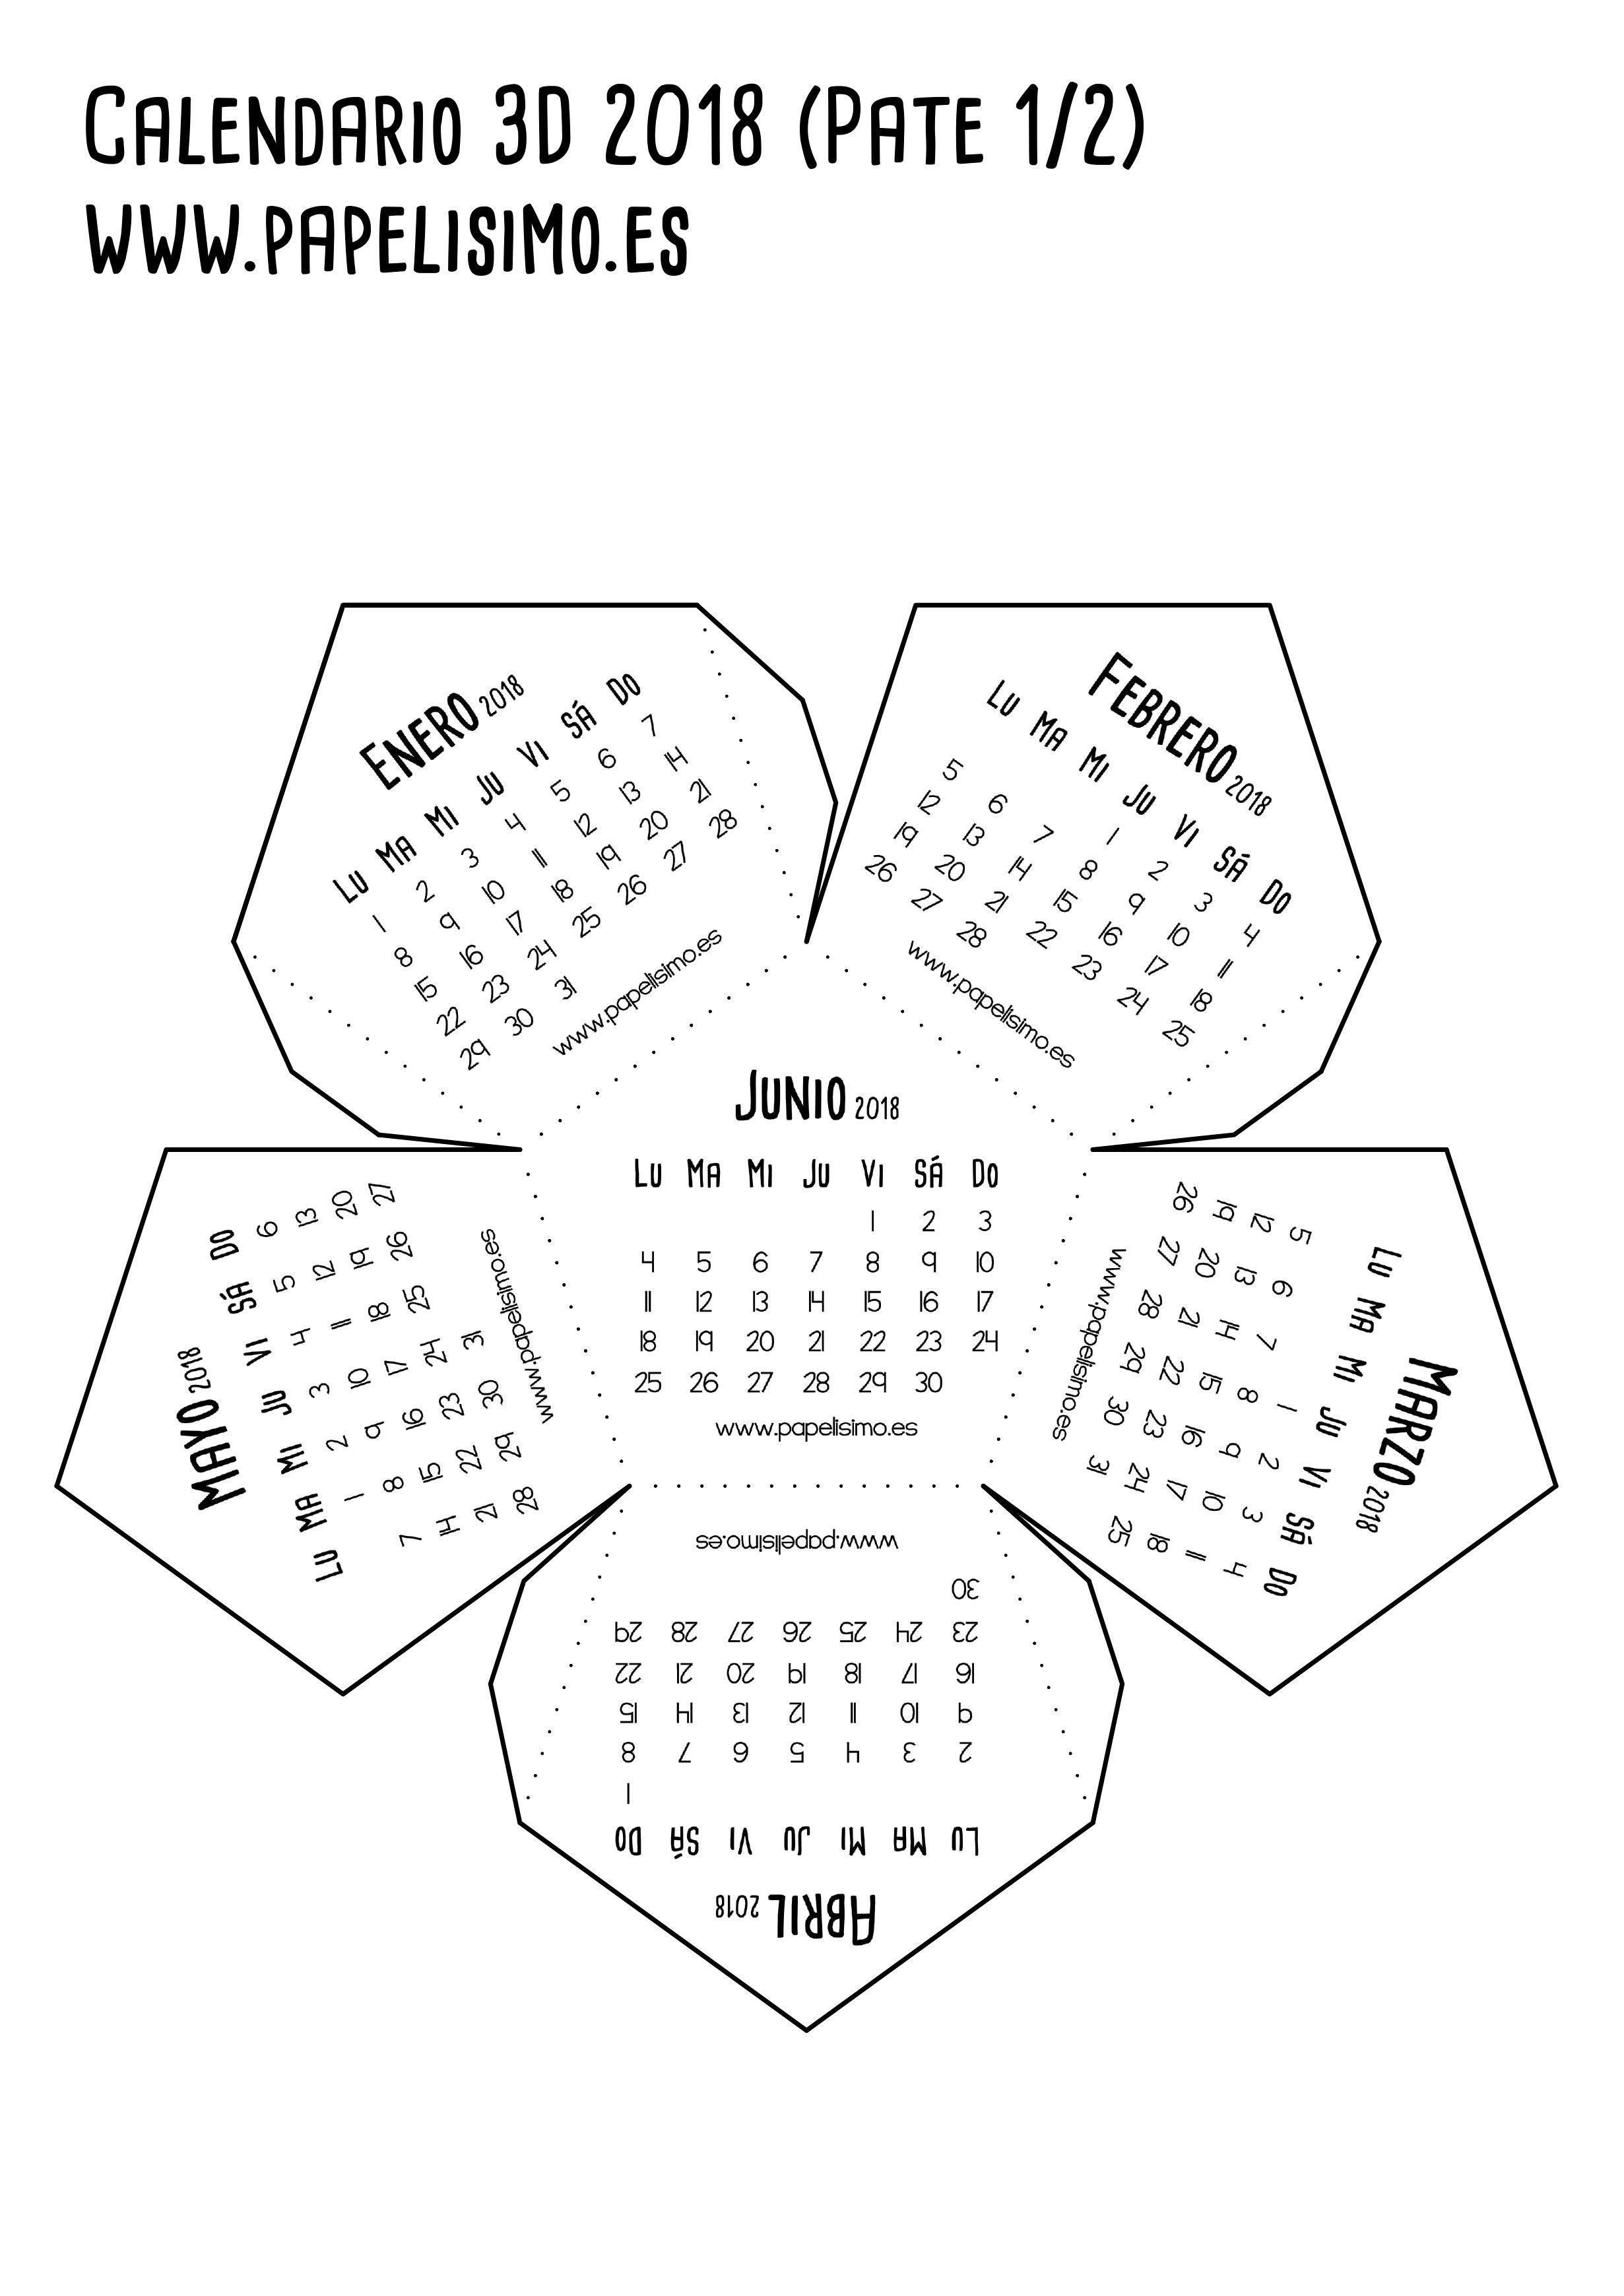 Hacer Calendario Imprimir Más Recientes Calendario 3d 2018 Pdf Para Imprimir Parte 1 2 461—3 480 Pxeles